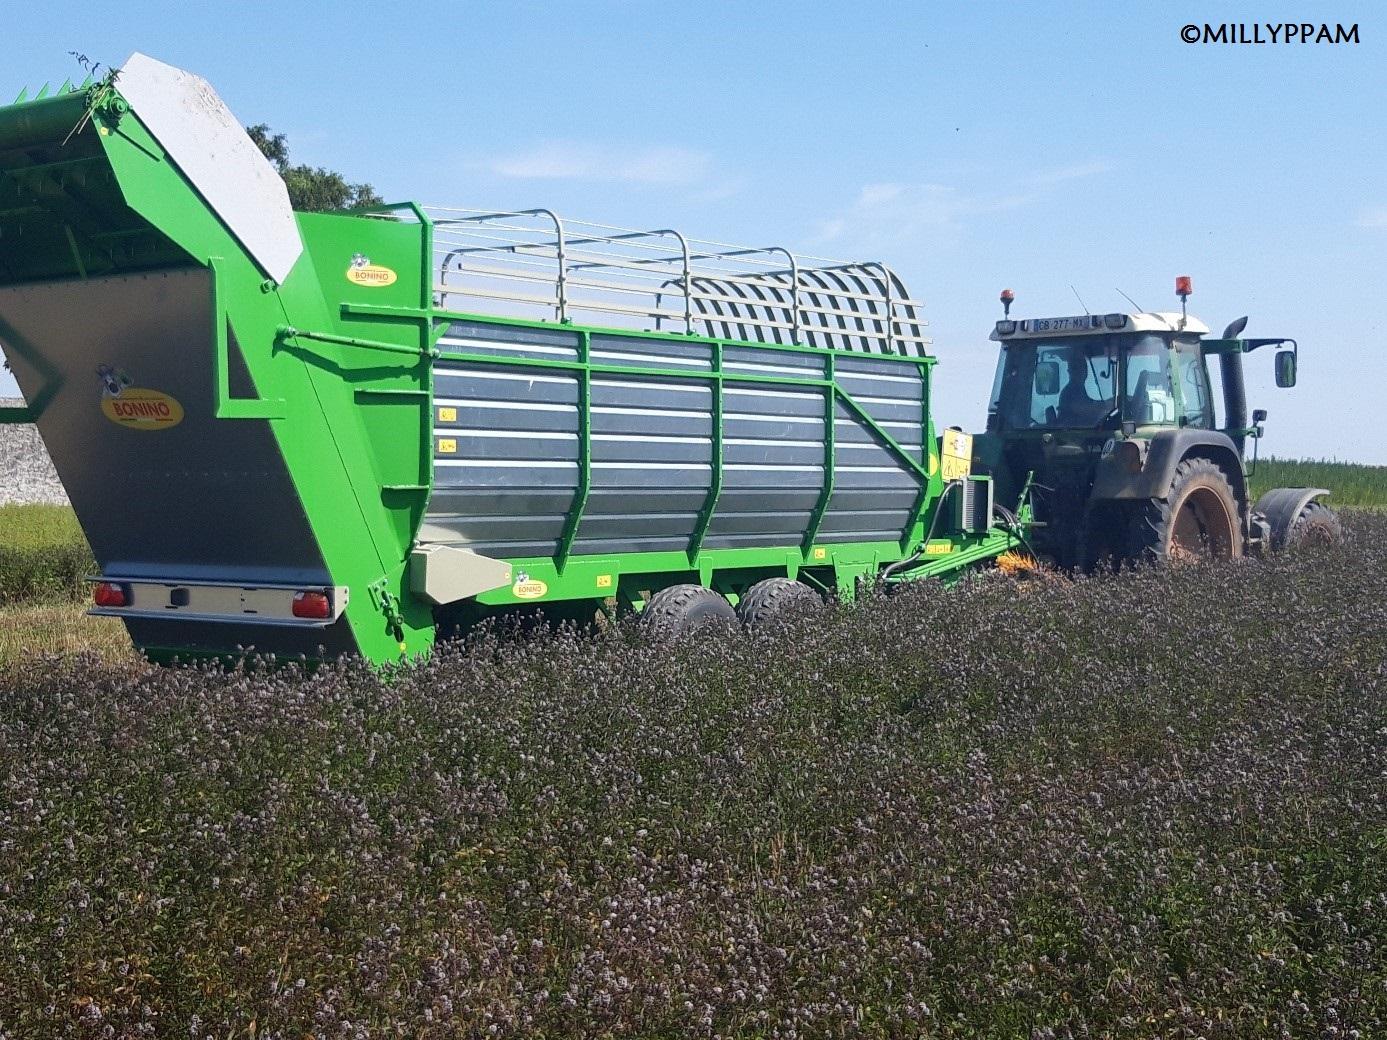 Milly-PPAM - Récolte à l'aide d'une récolteuse « Bonino », 2019.